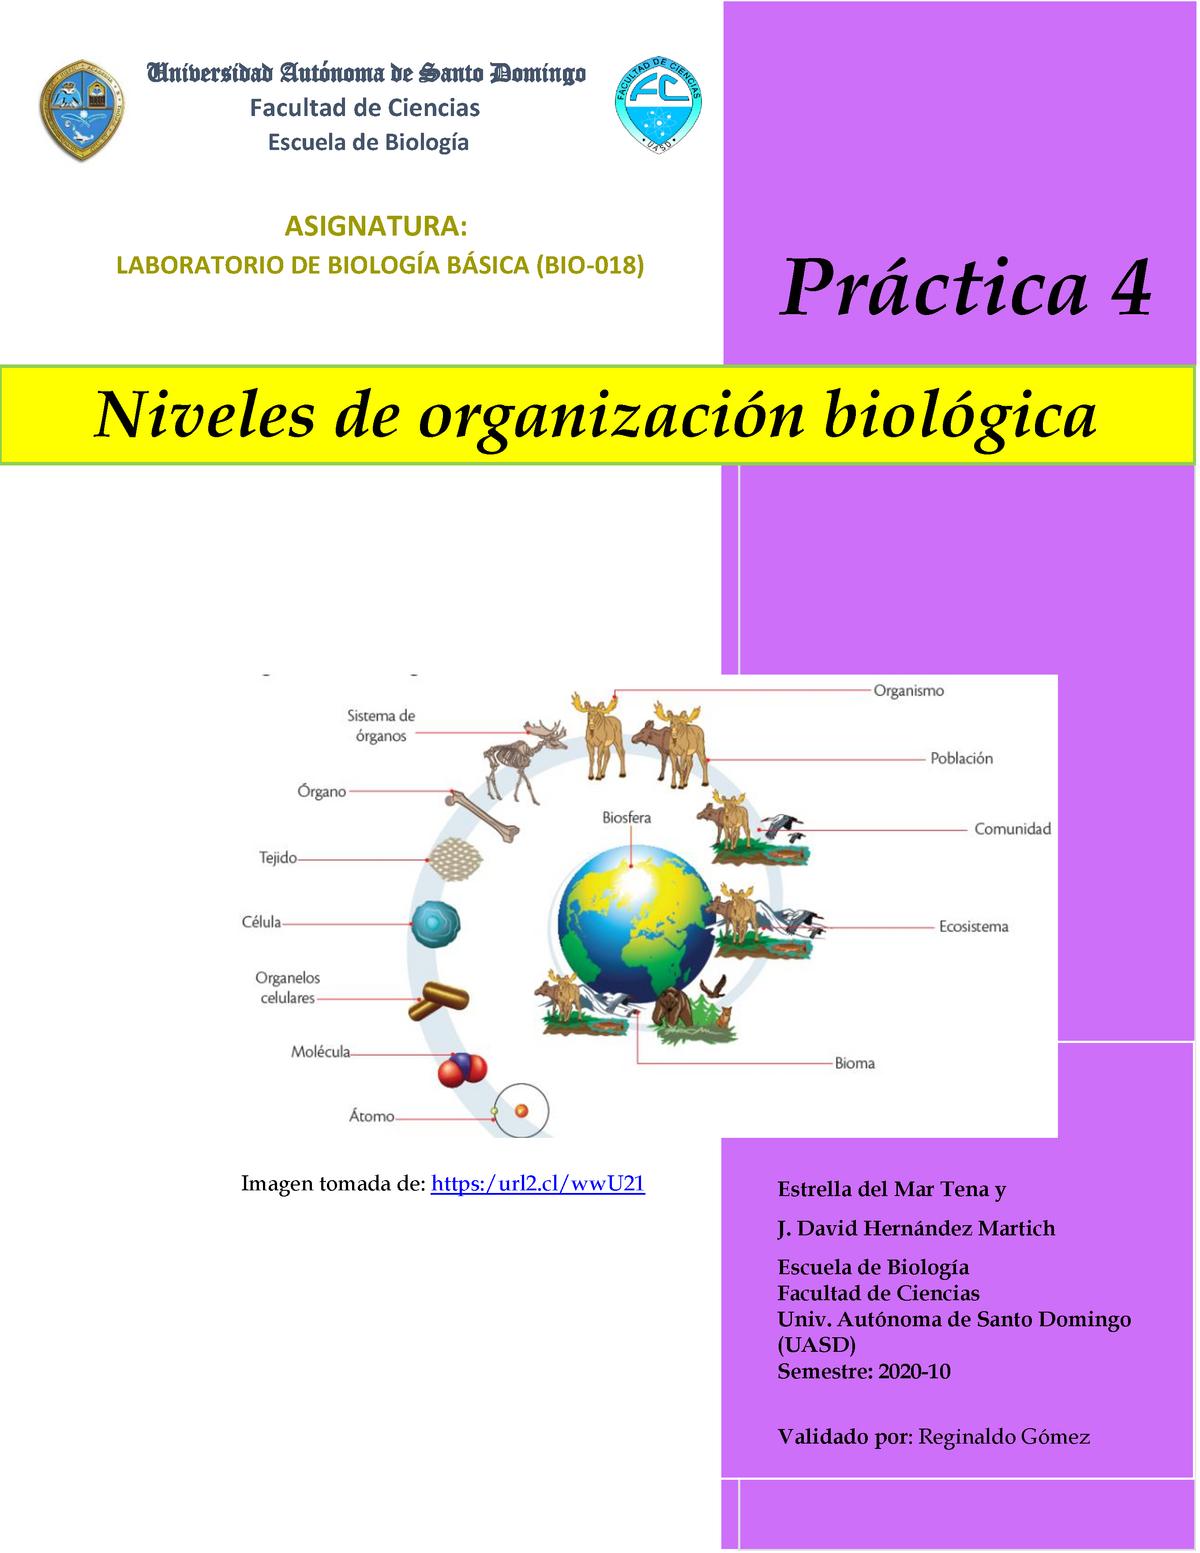 Parazitologie de tenă bovină, Institutul de Zoologie :: Evenimente